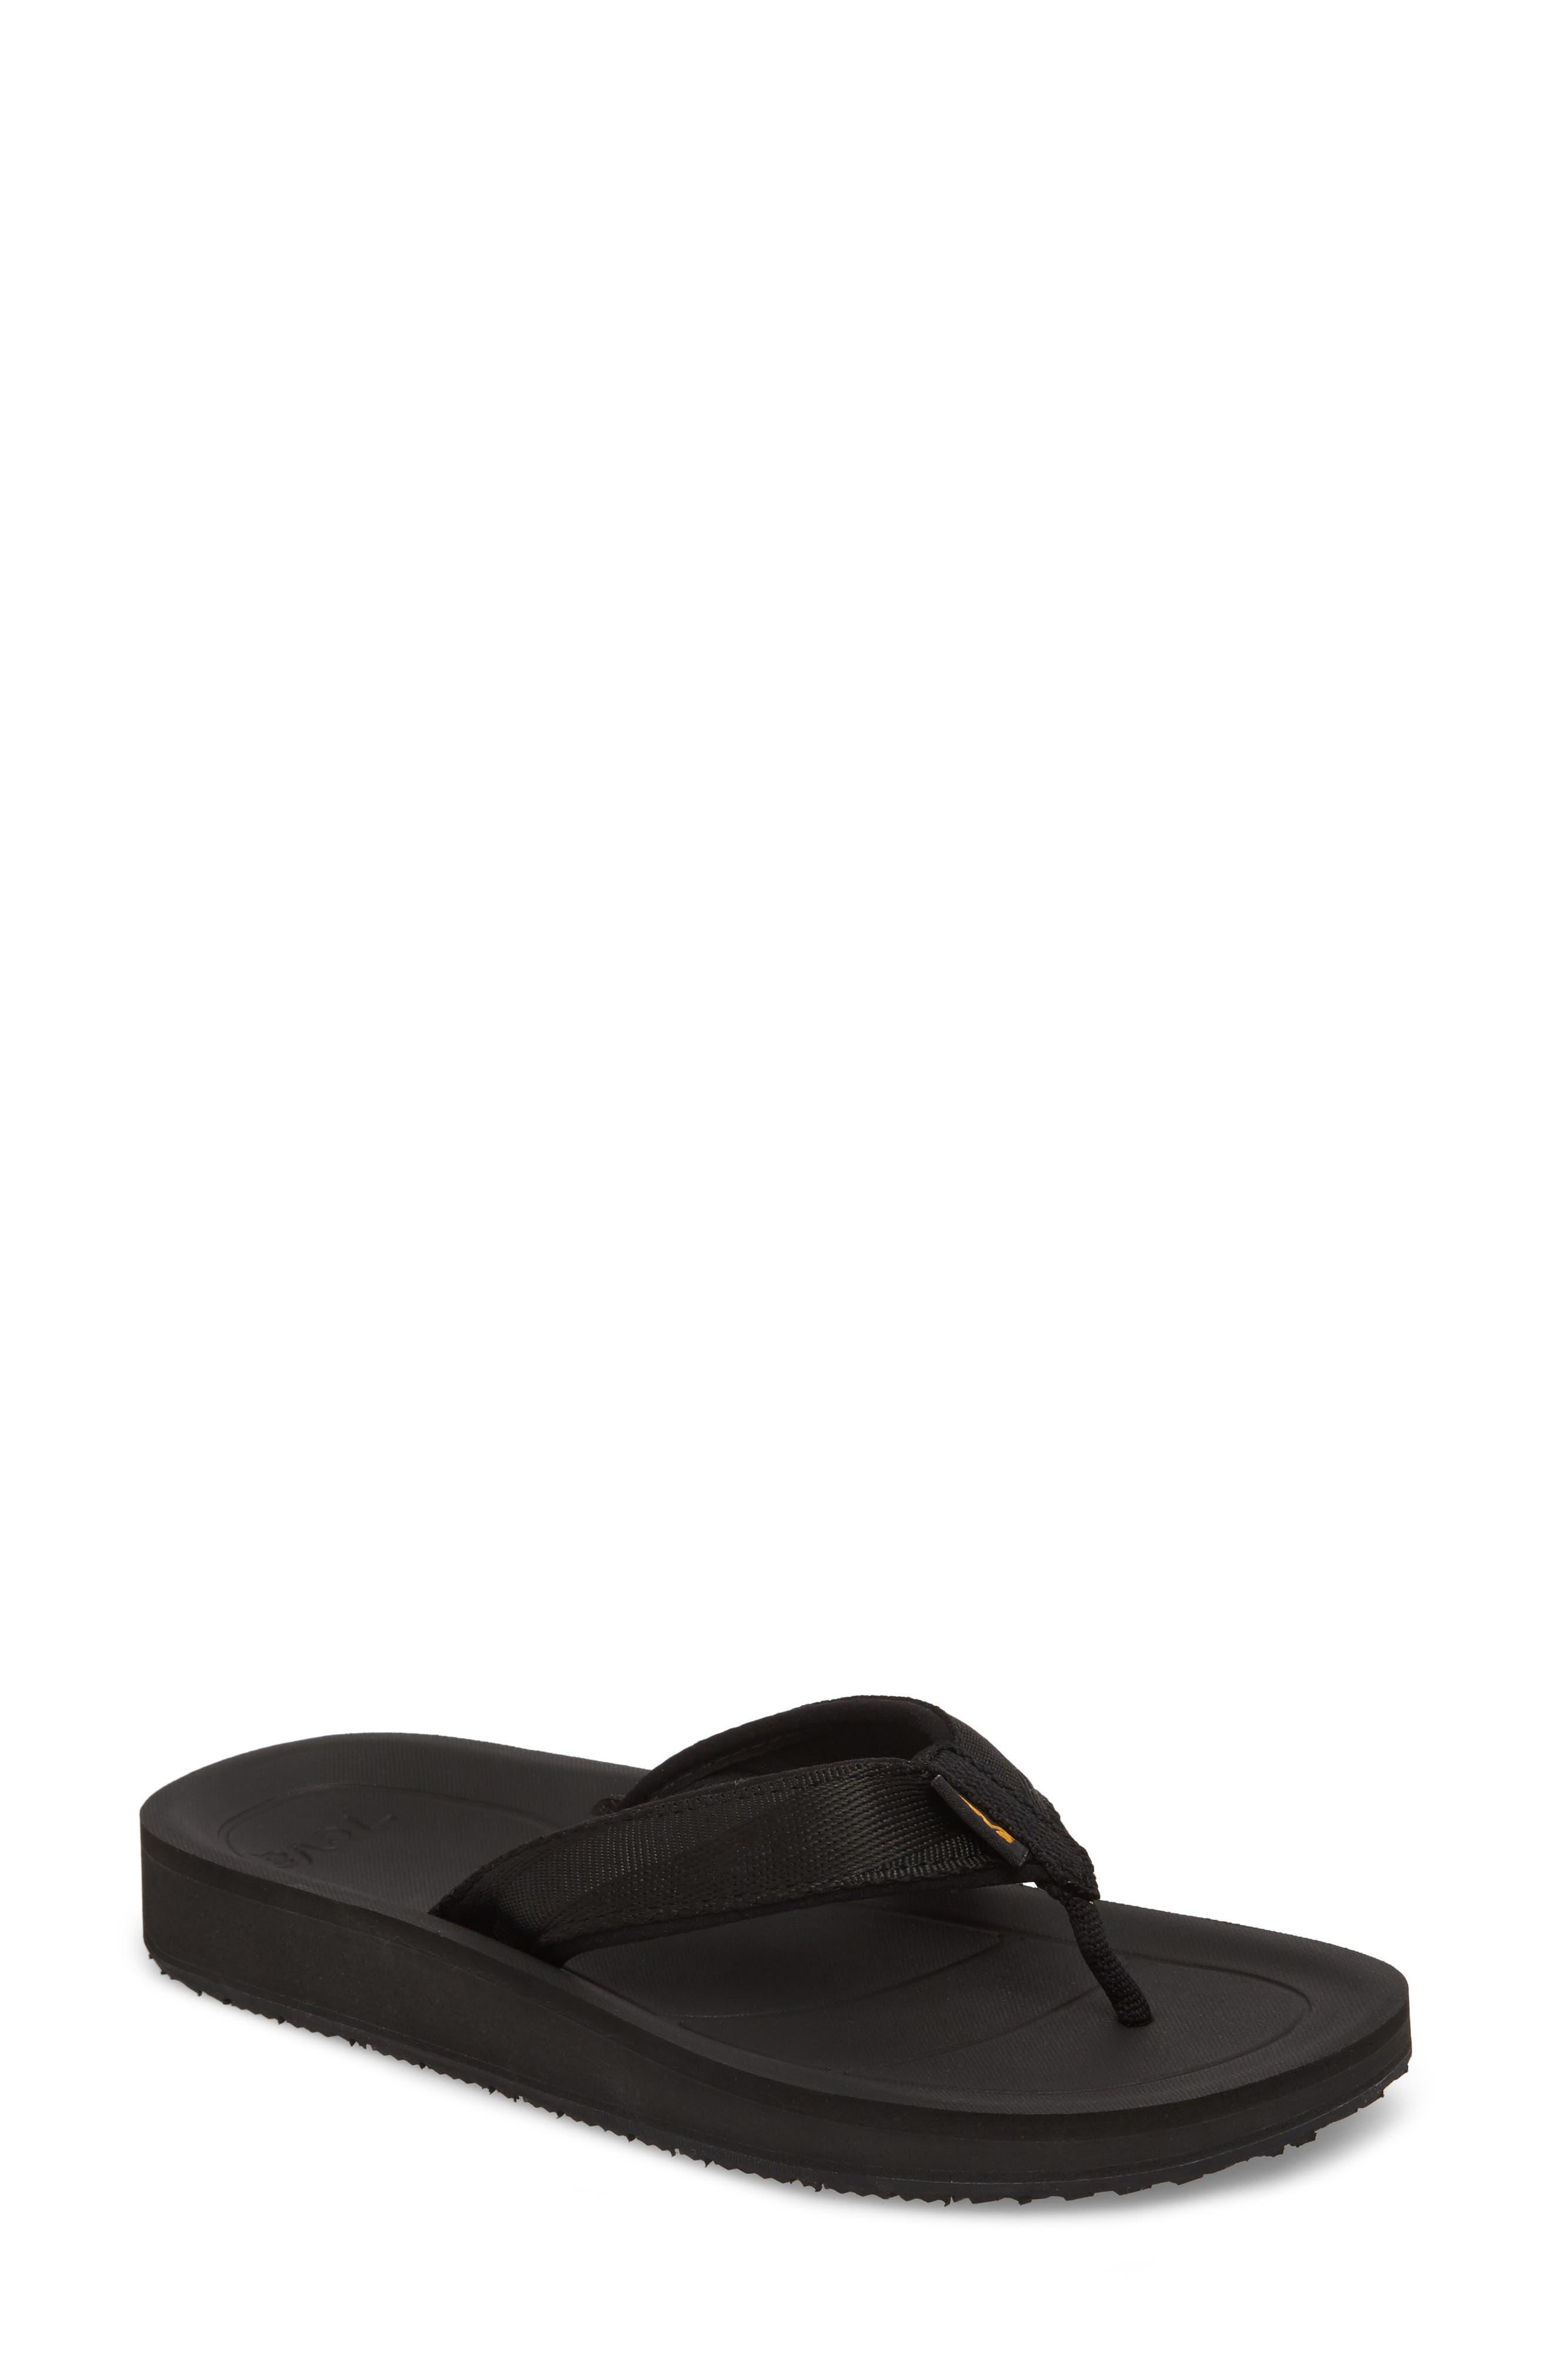 Flip Premier Sandal,                         Main,                         color, 001